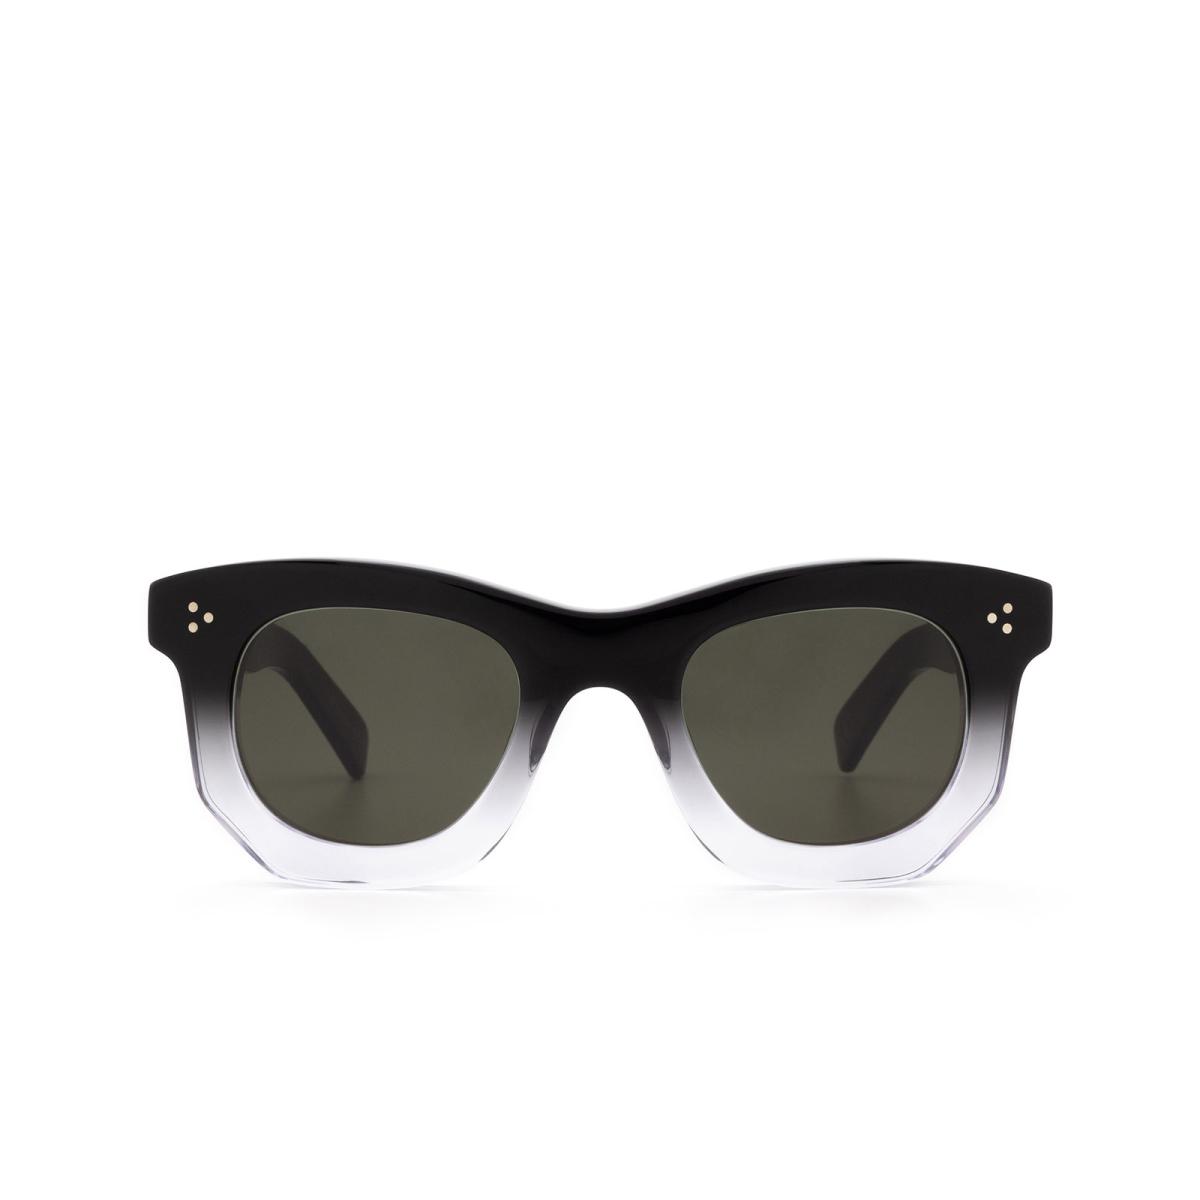 Lesca® Irregular Sunglasses: Ogre Sun color Black Degraded Deg.